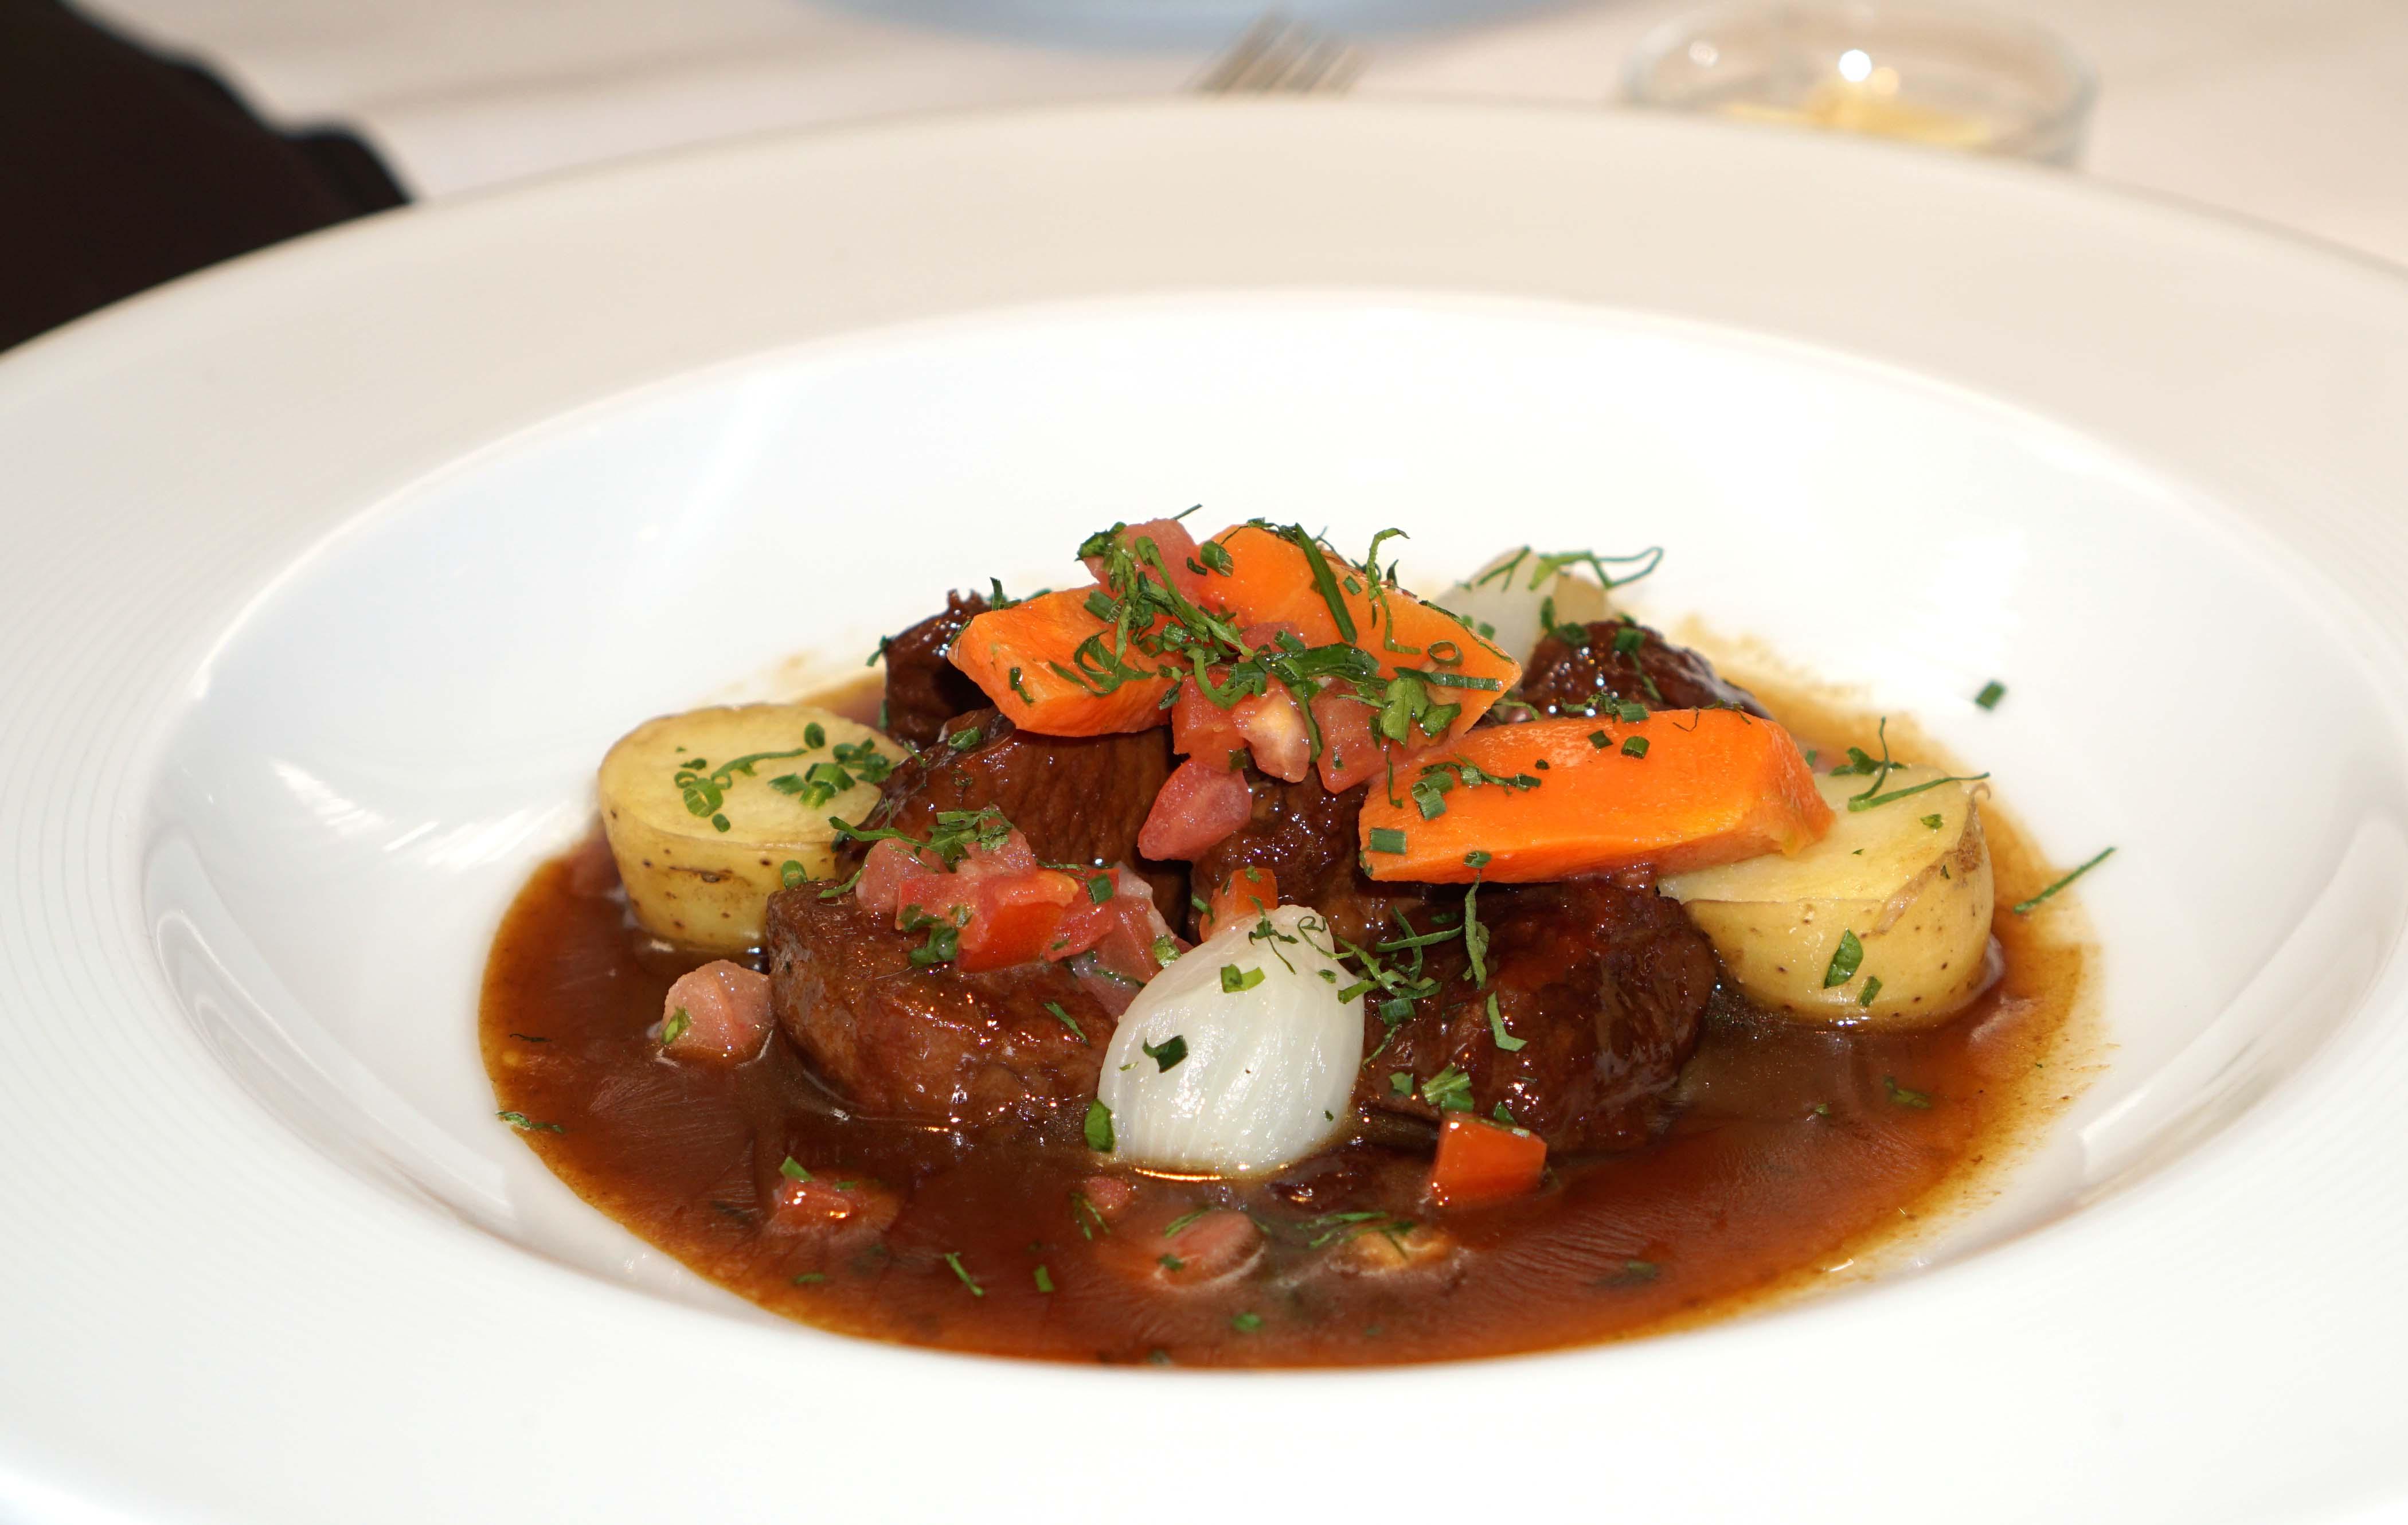 Beaubourg braised pork stew